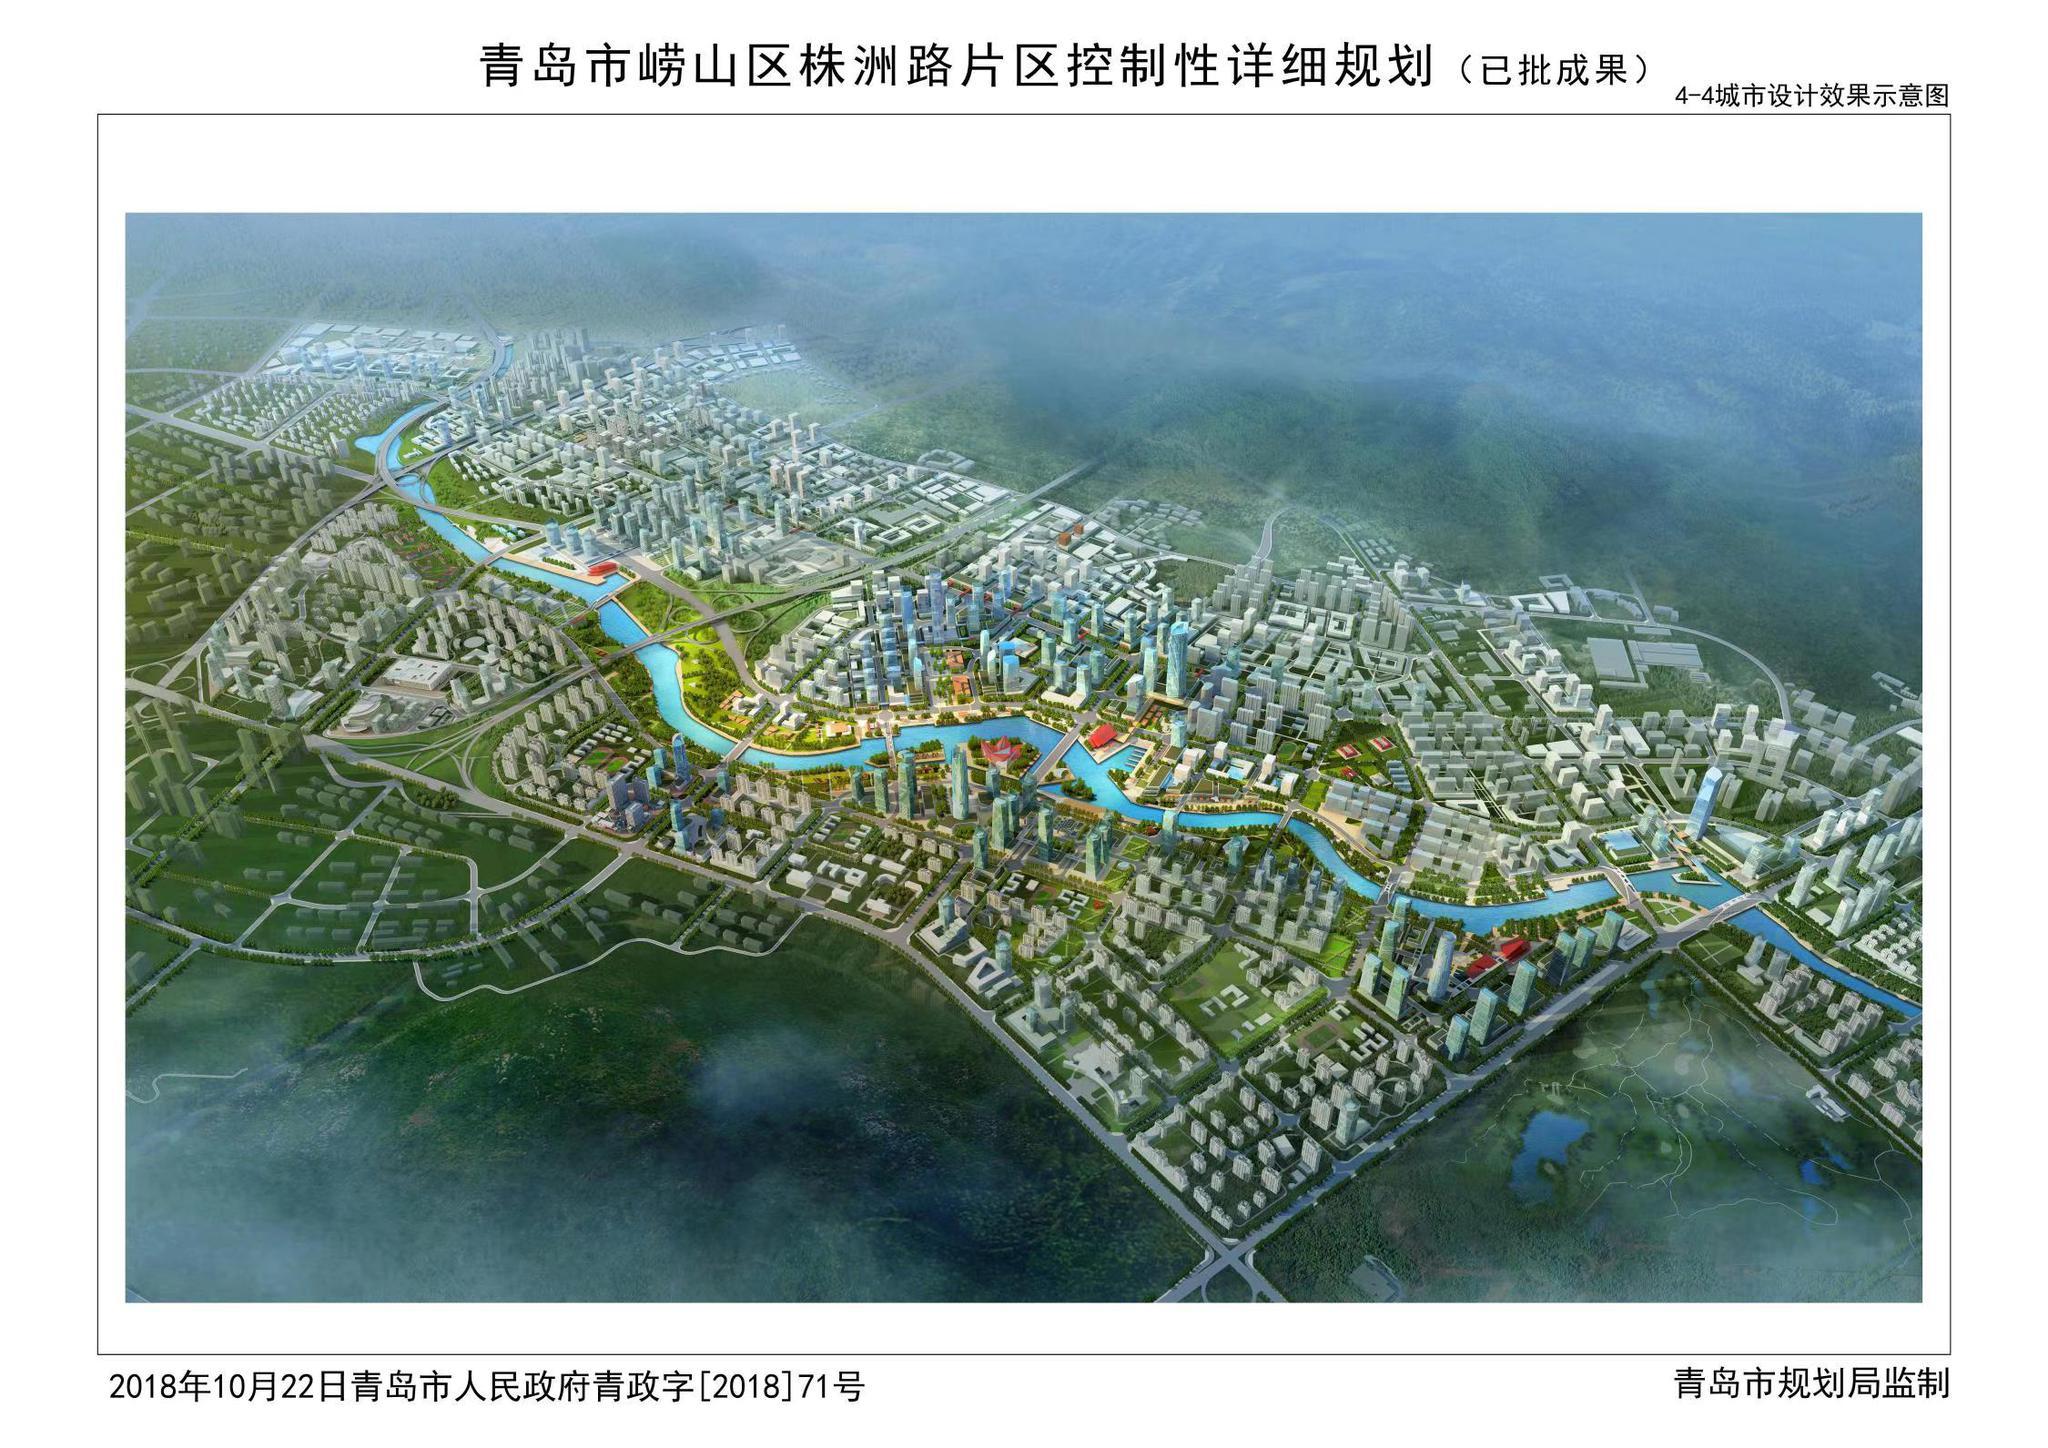 湘潭和株洲合并的经济总量_长沙株洲湘潭地图(2)